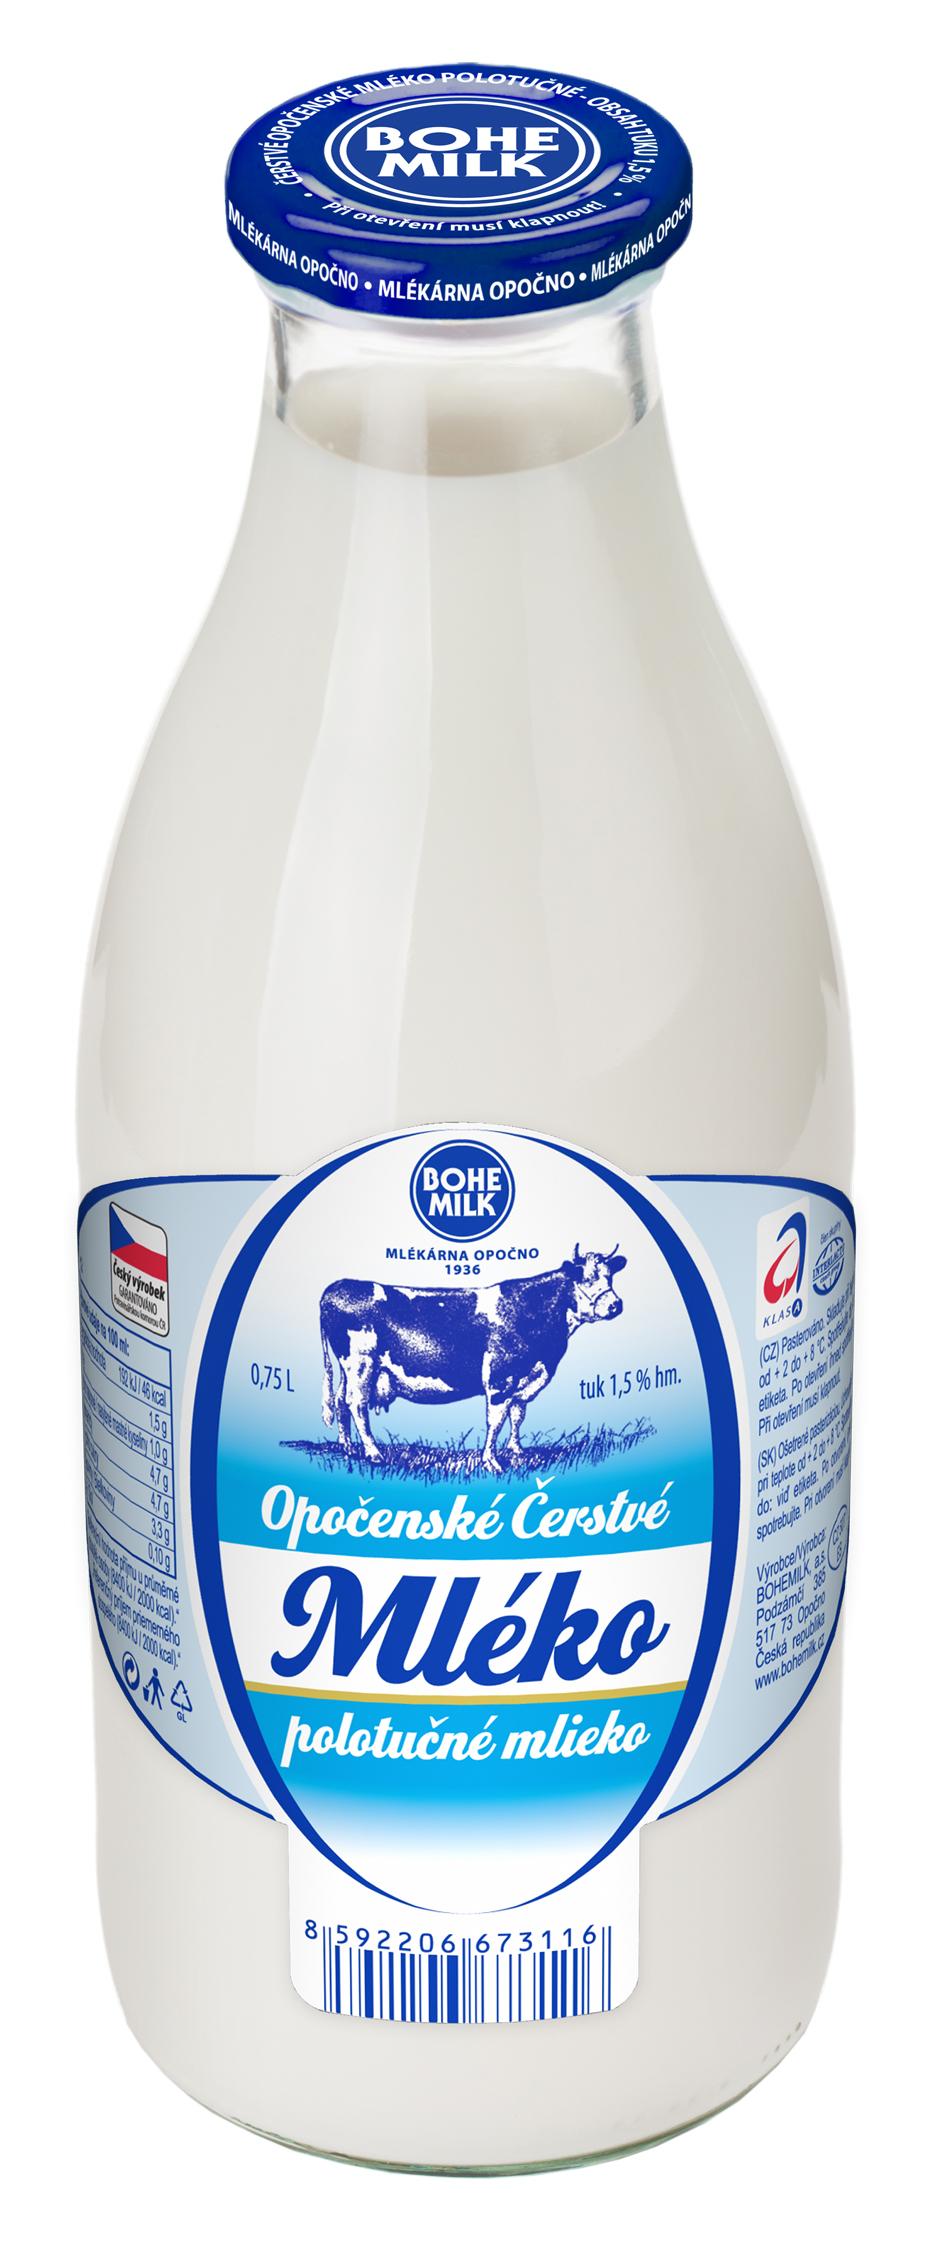 Značka Opočenské čerstvé mléko_polotučné, 750 ml